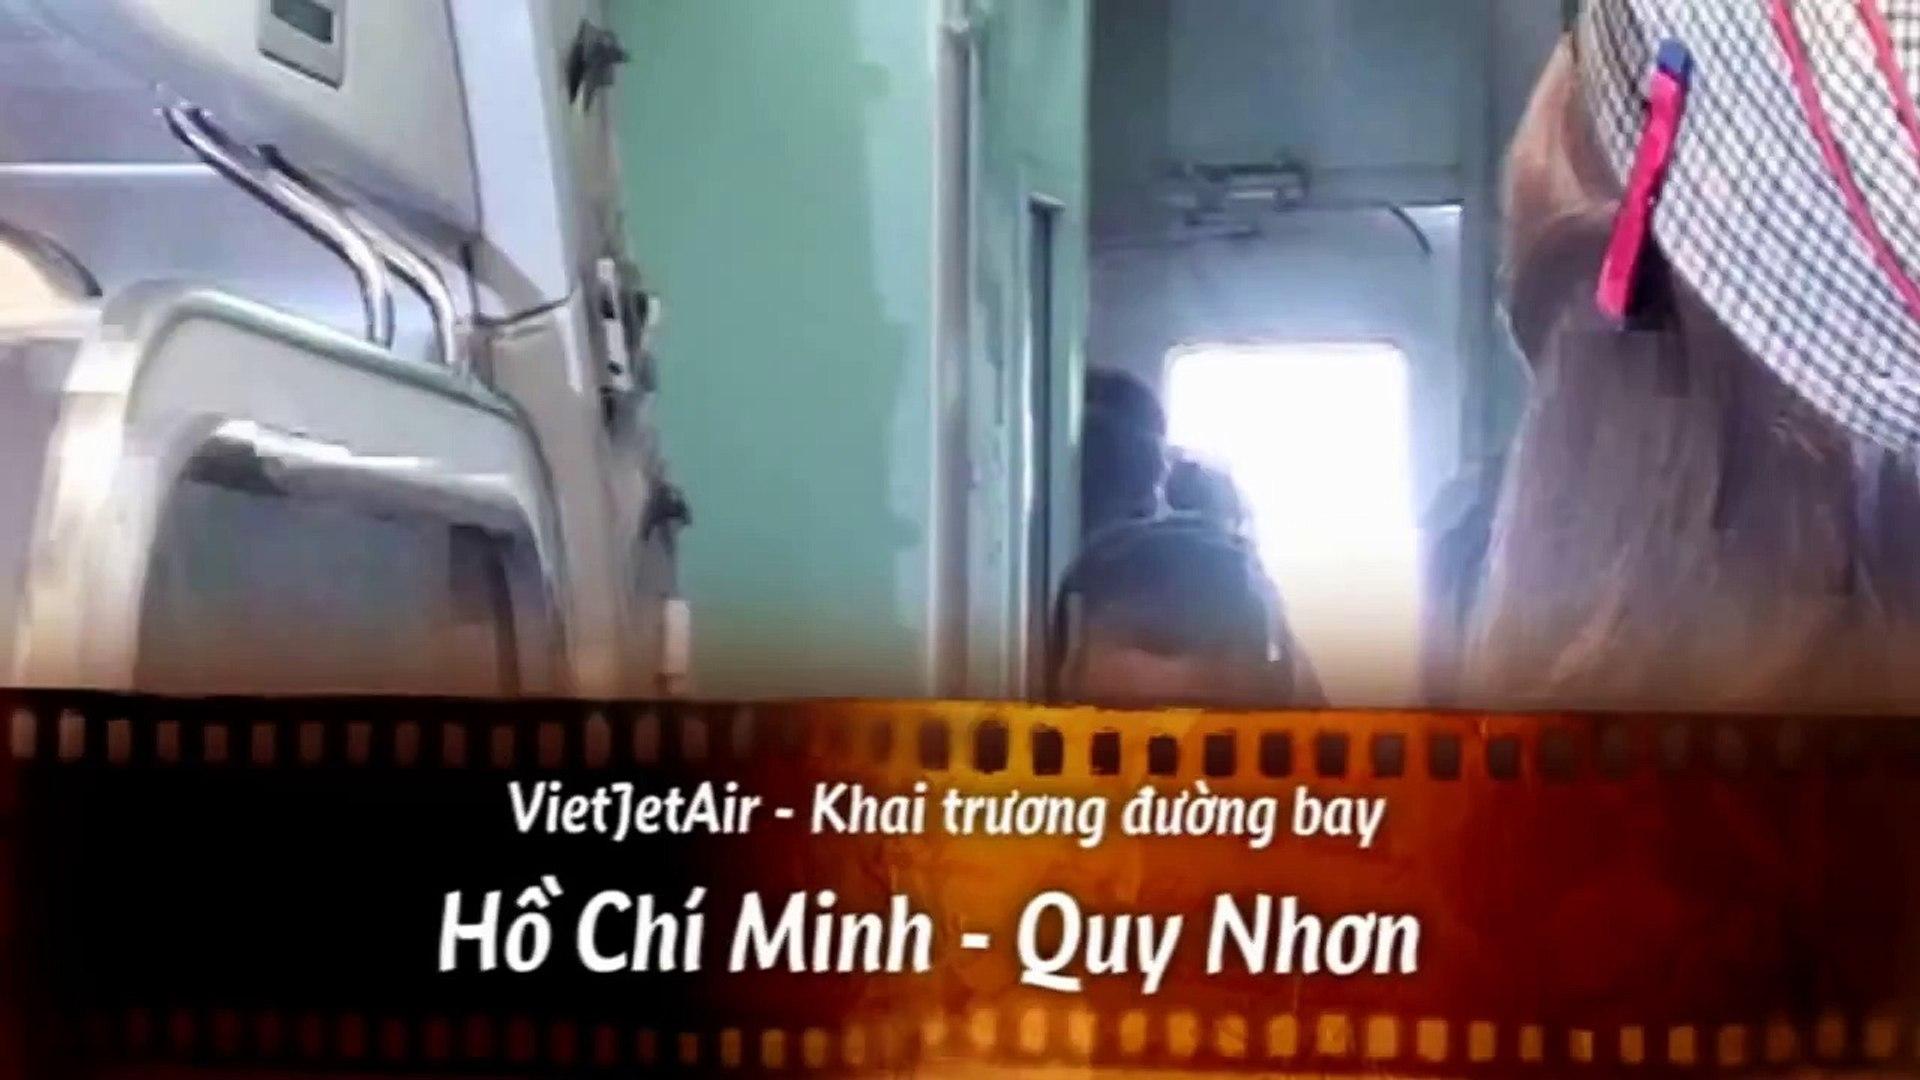 Hồ Ngọc Hà trình diễn trên chuyến bay khai trương TP HCM -- Quy Nhơn